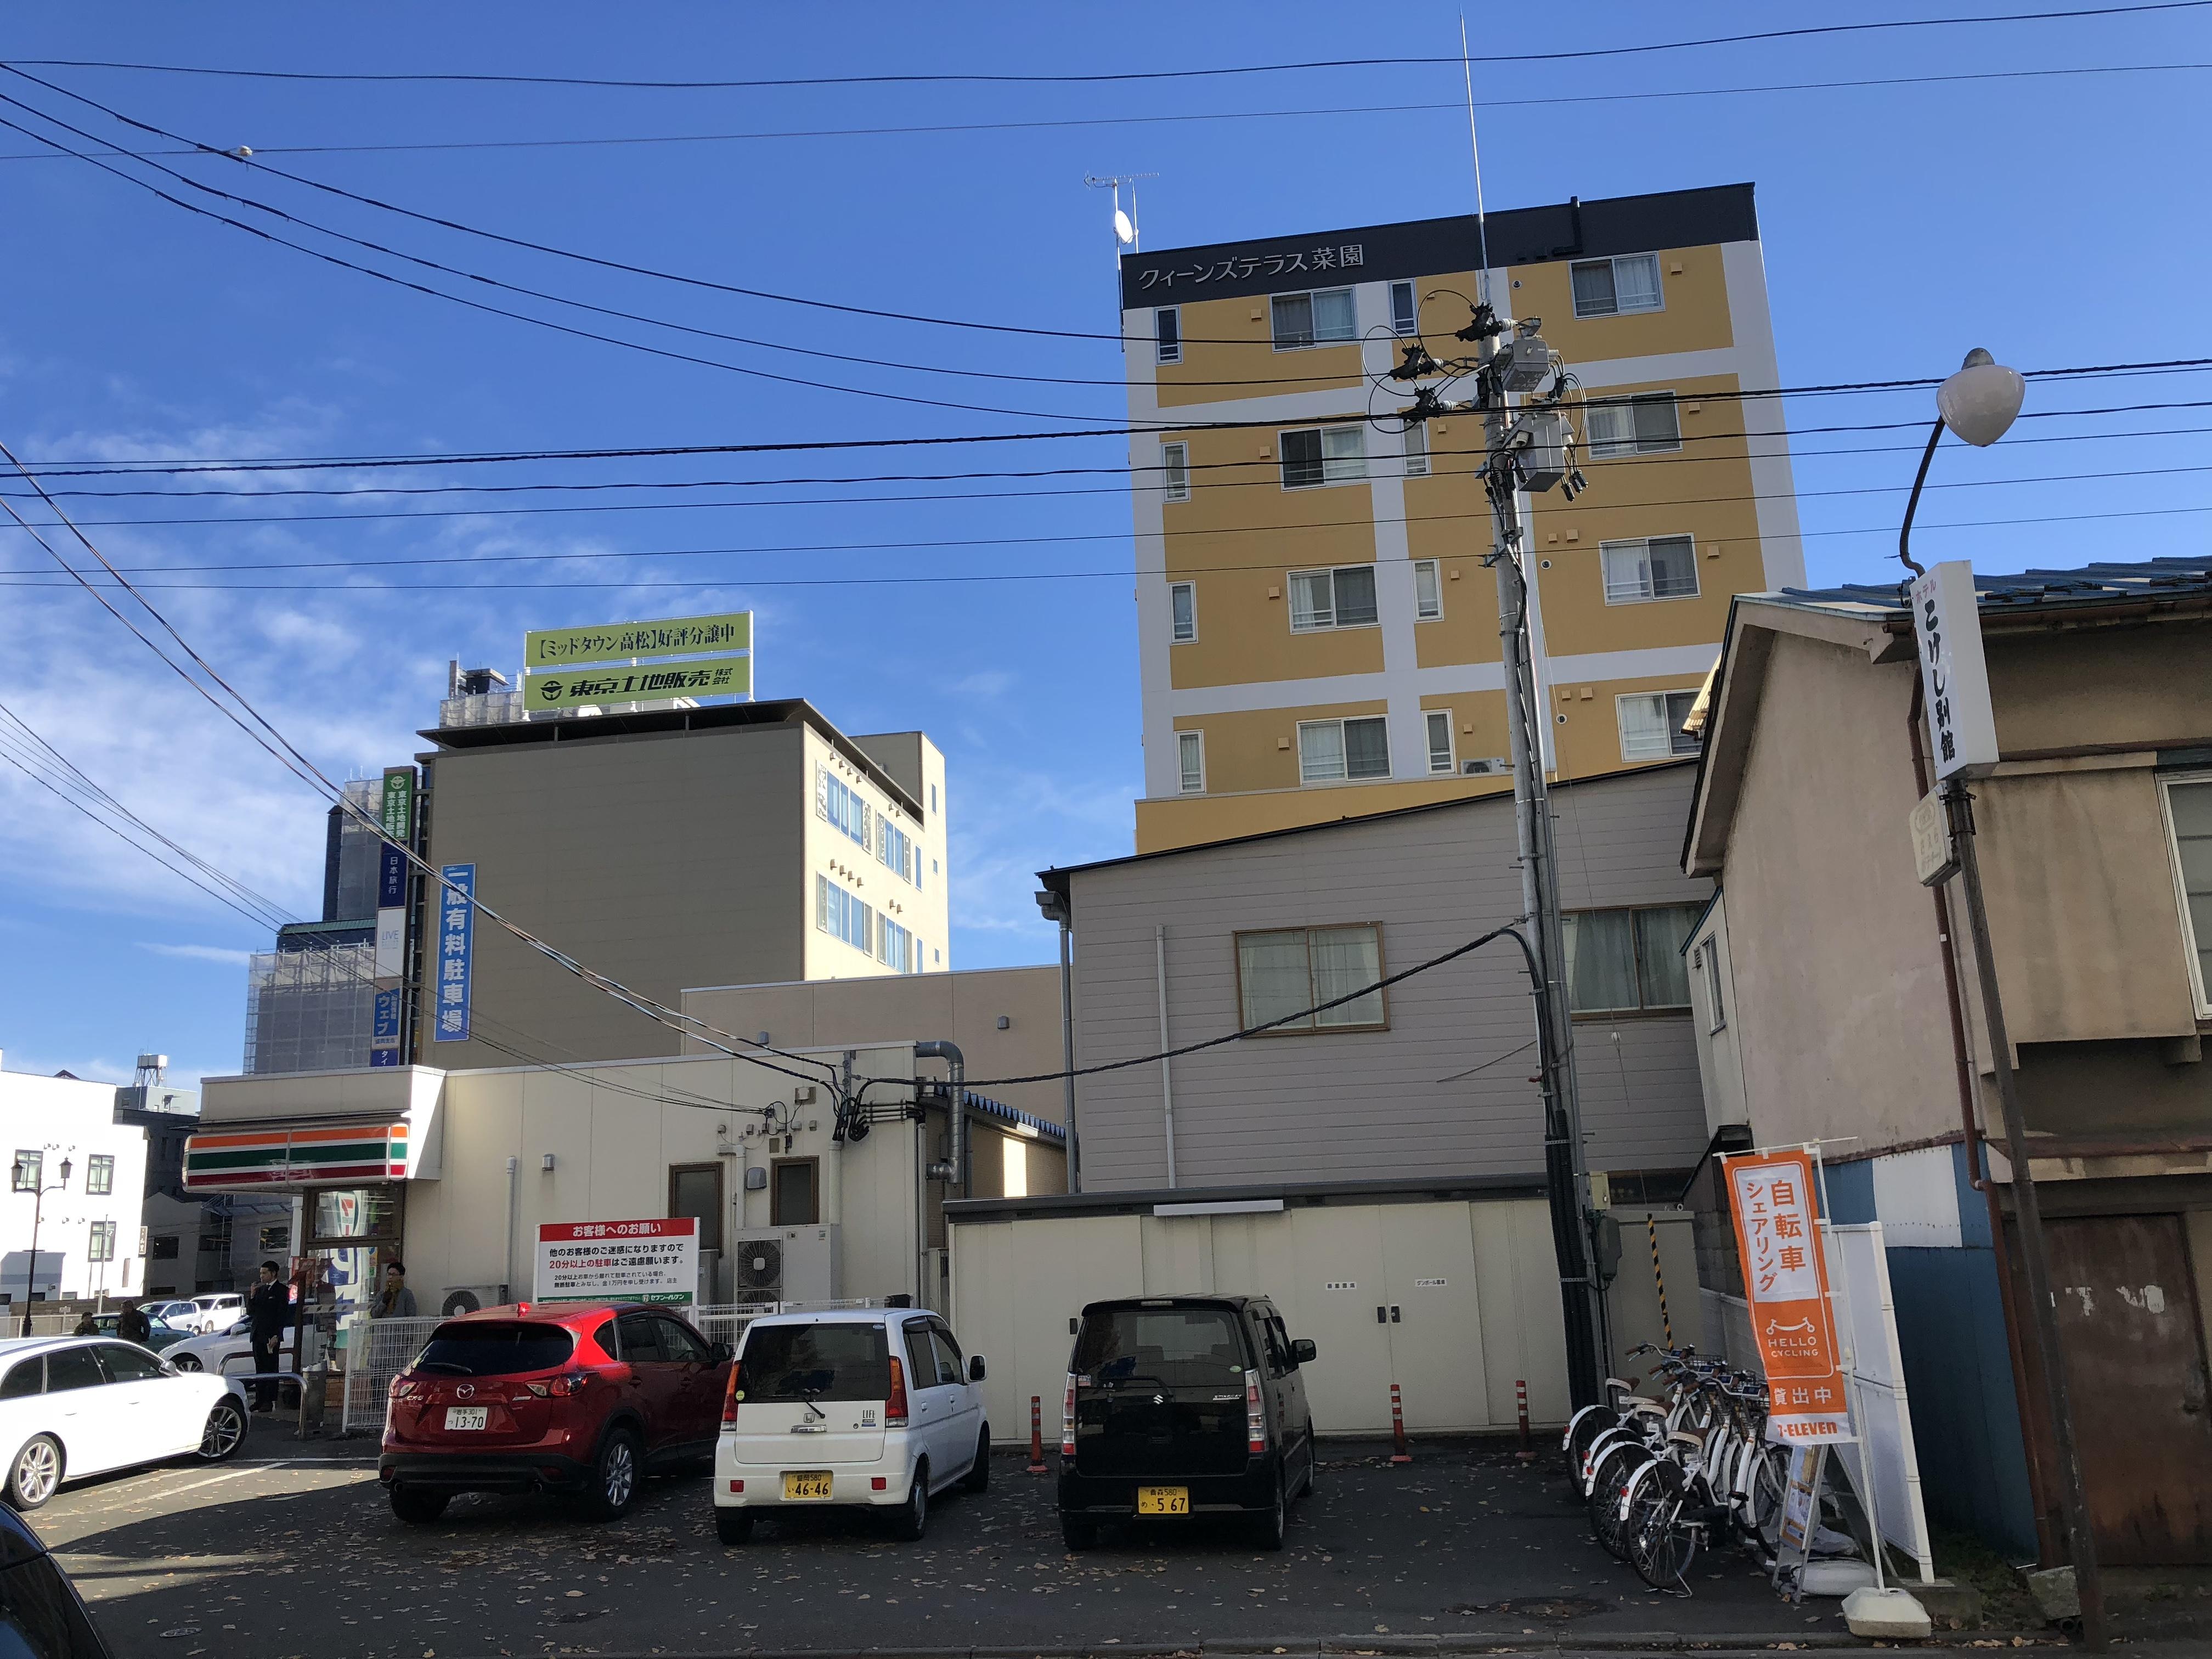 セブンイレブン菜園1丁目店 (HELLO CYCLING ポート) image